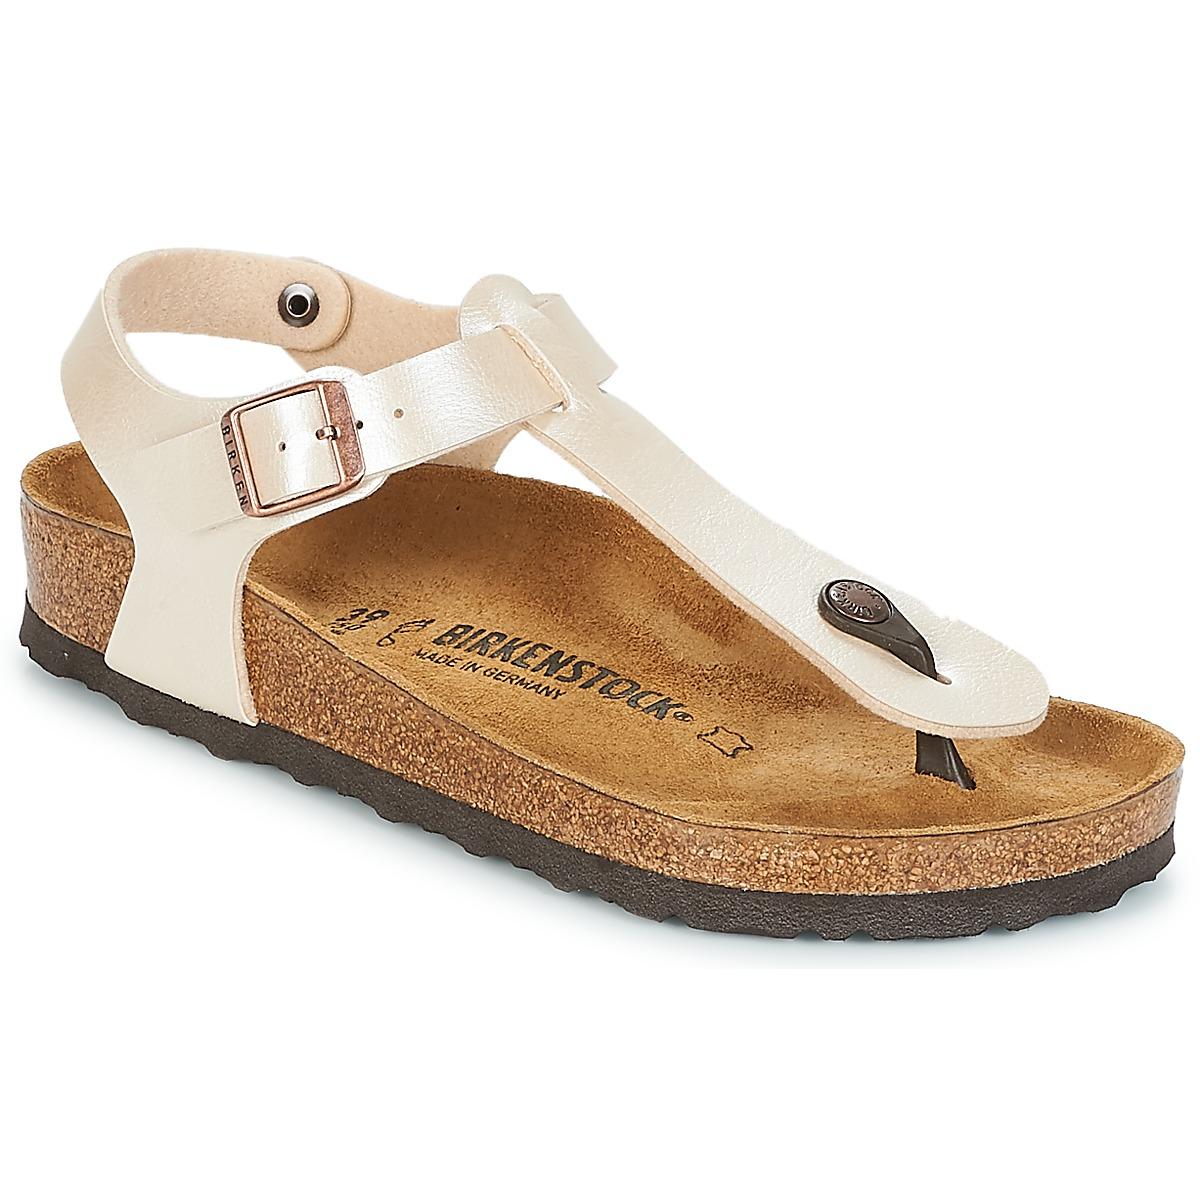 Birkenstock Sandali   Odprti čevlji KAIRO Bež - Ceneje.si 09f9061e3a9